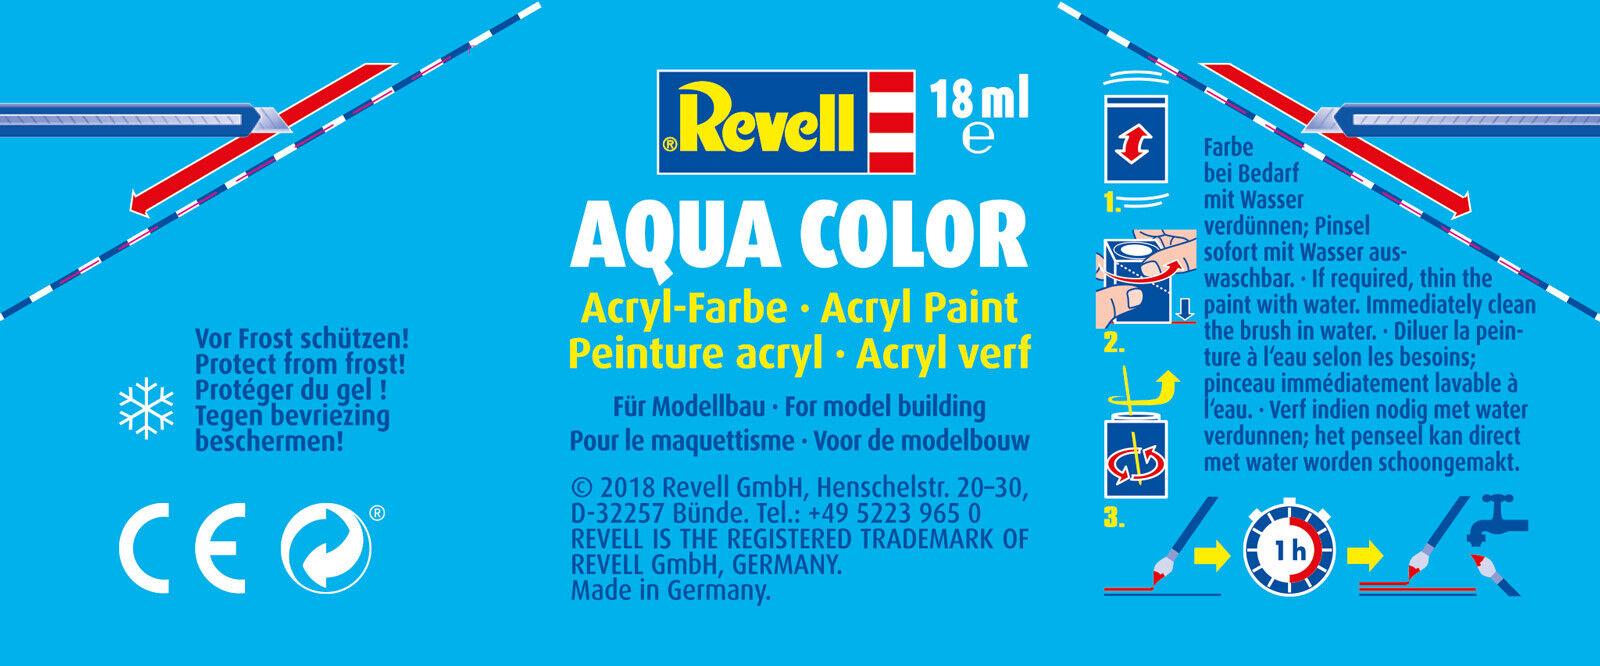 18ml Revell Aqua RV36192 Aqua Brass Metallic